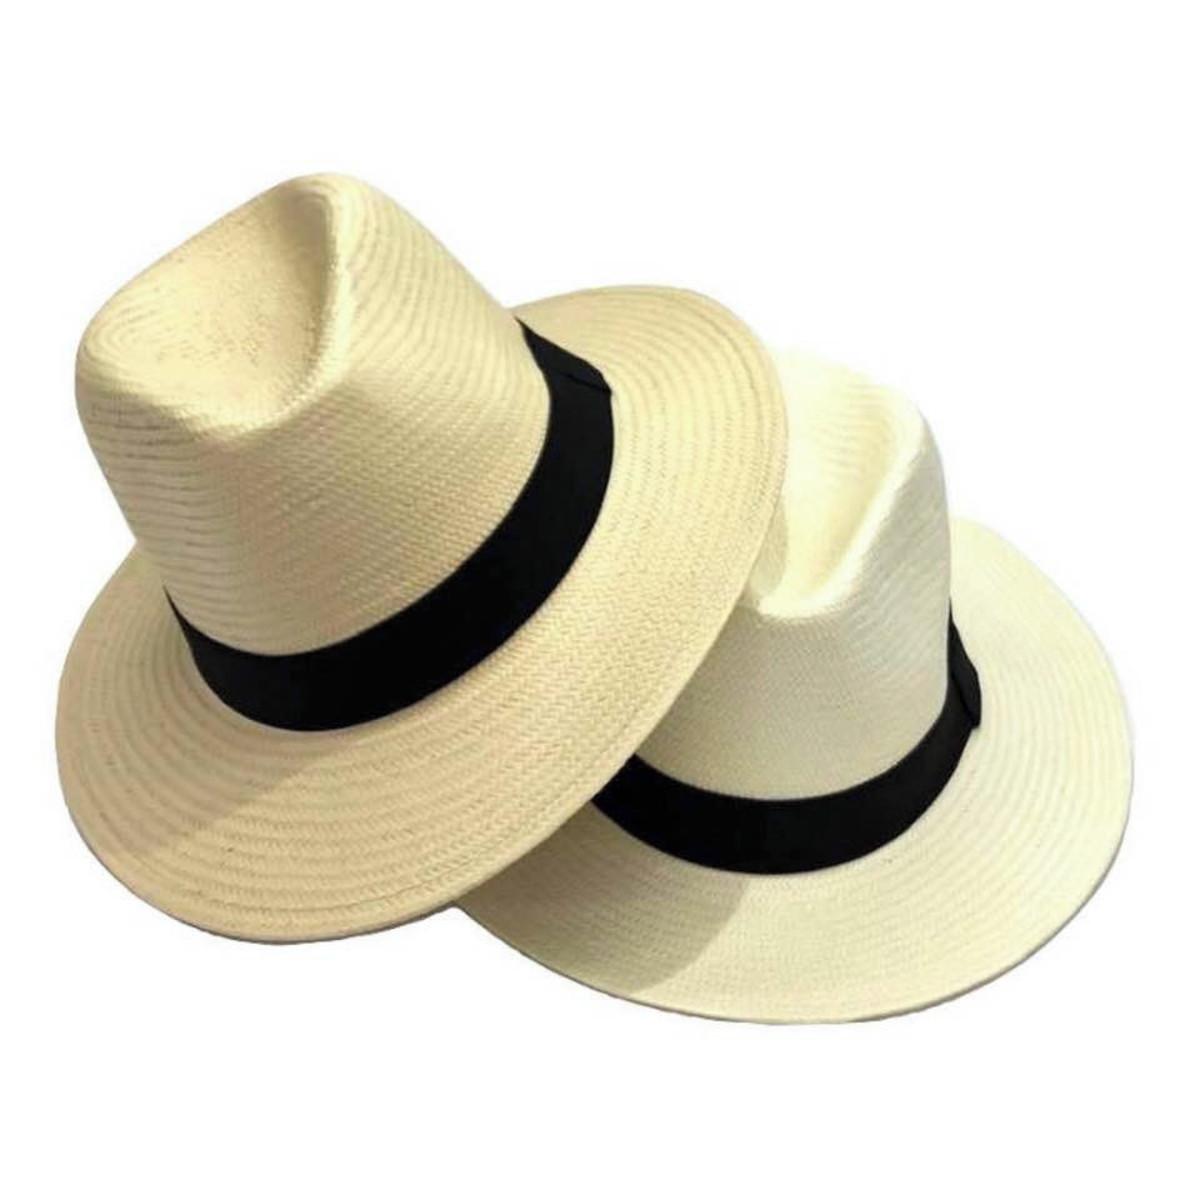 d1c2194e4d215 Chapéu Moda Panamá Aba Larga Masculino Feminino Praia Casual no Elo7 ...